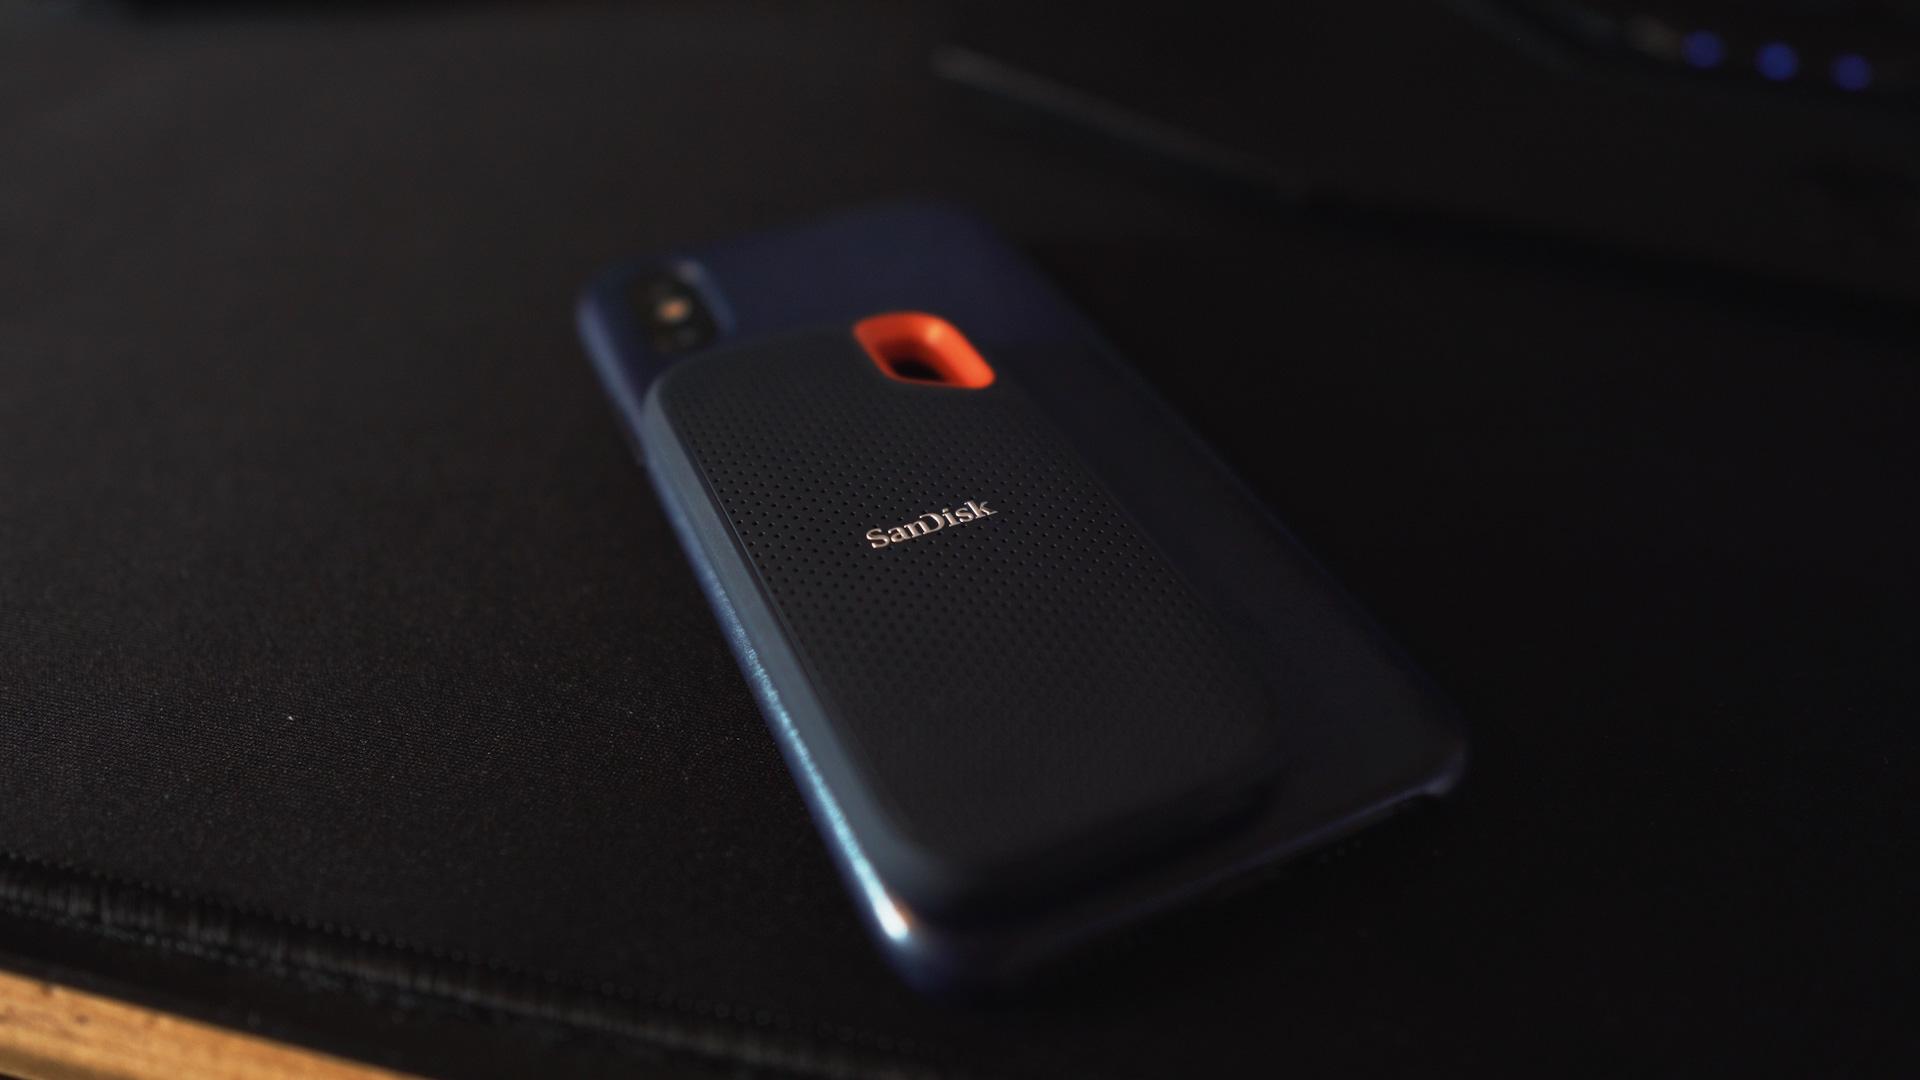 SanDisk Extreme Portable SSD - Design